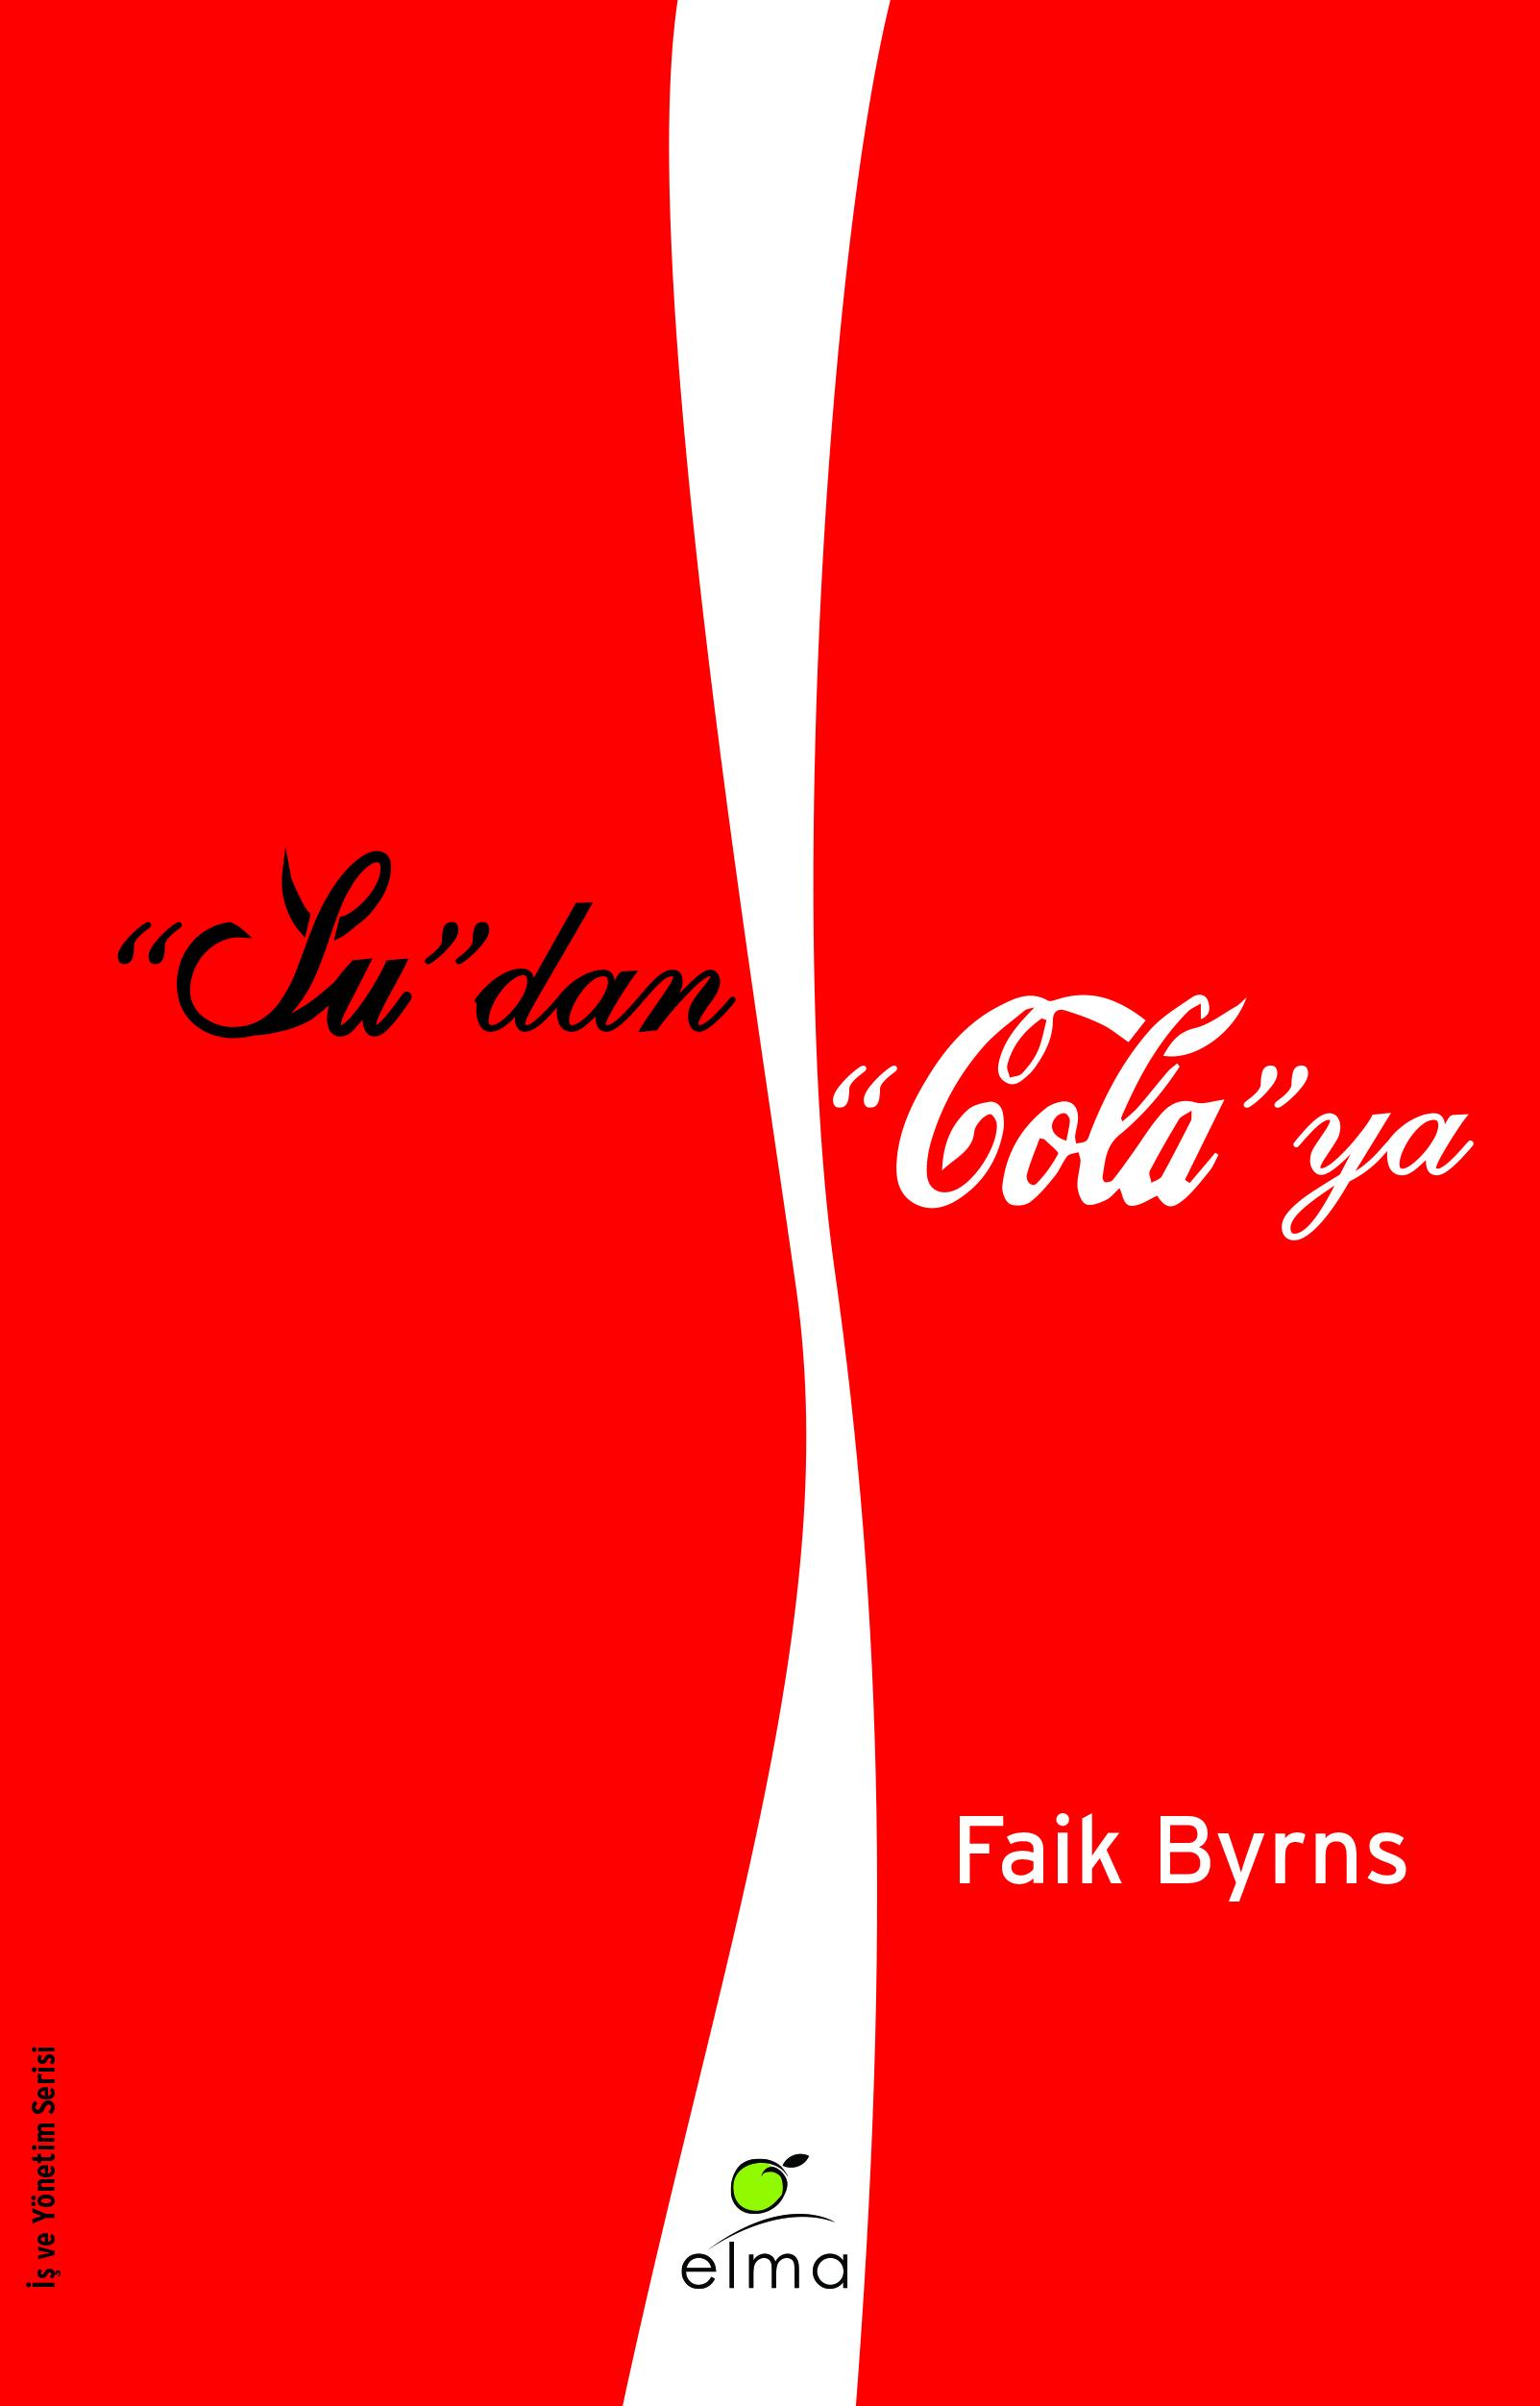 Su'dan Cola'ya